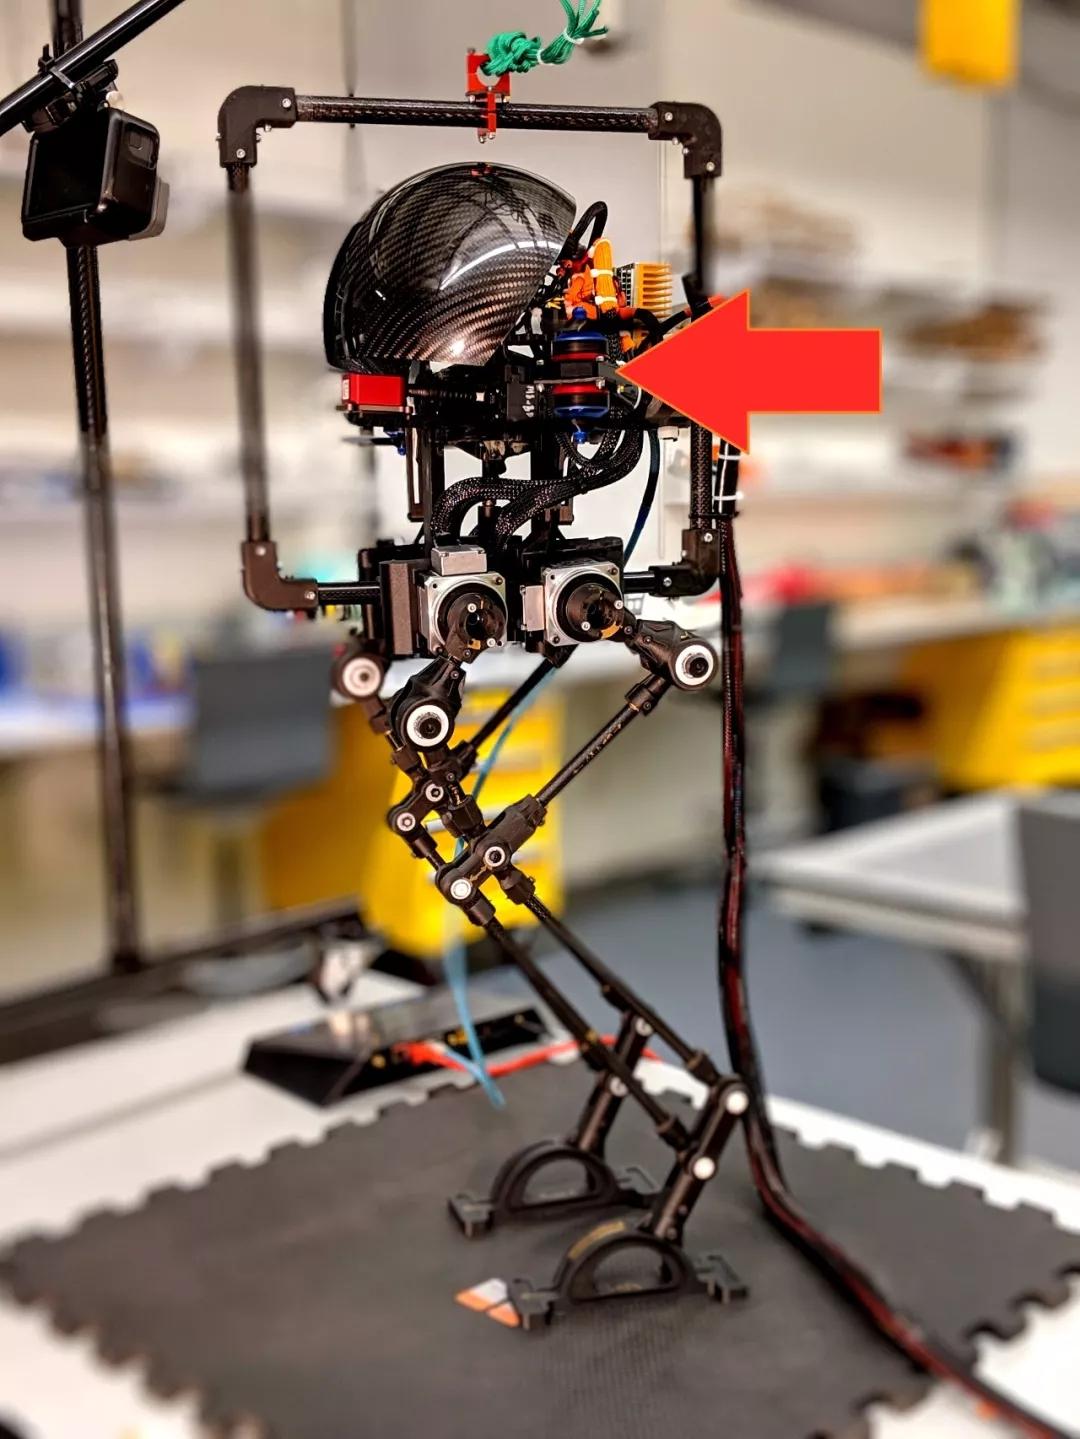 长翅膀的双足机器人, 长腿的无人机…这里有几款骨骼清奇的机器人,来了解一下?